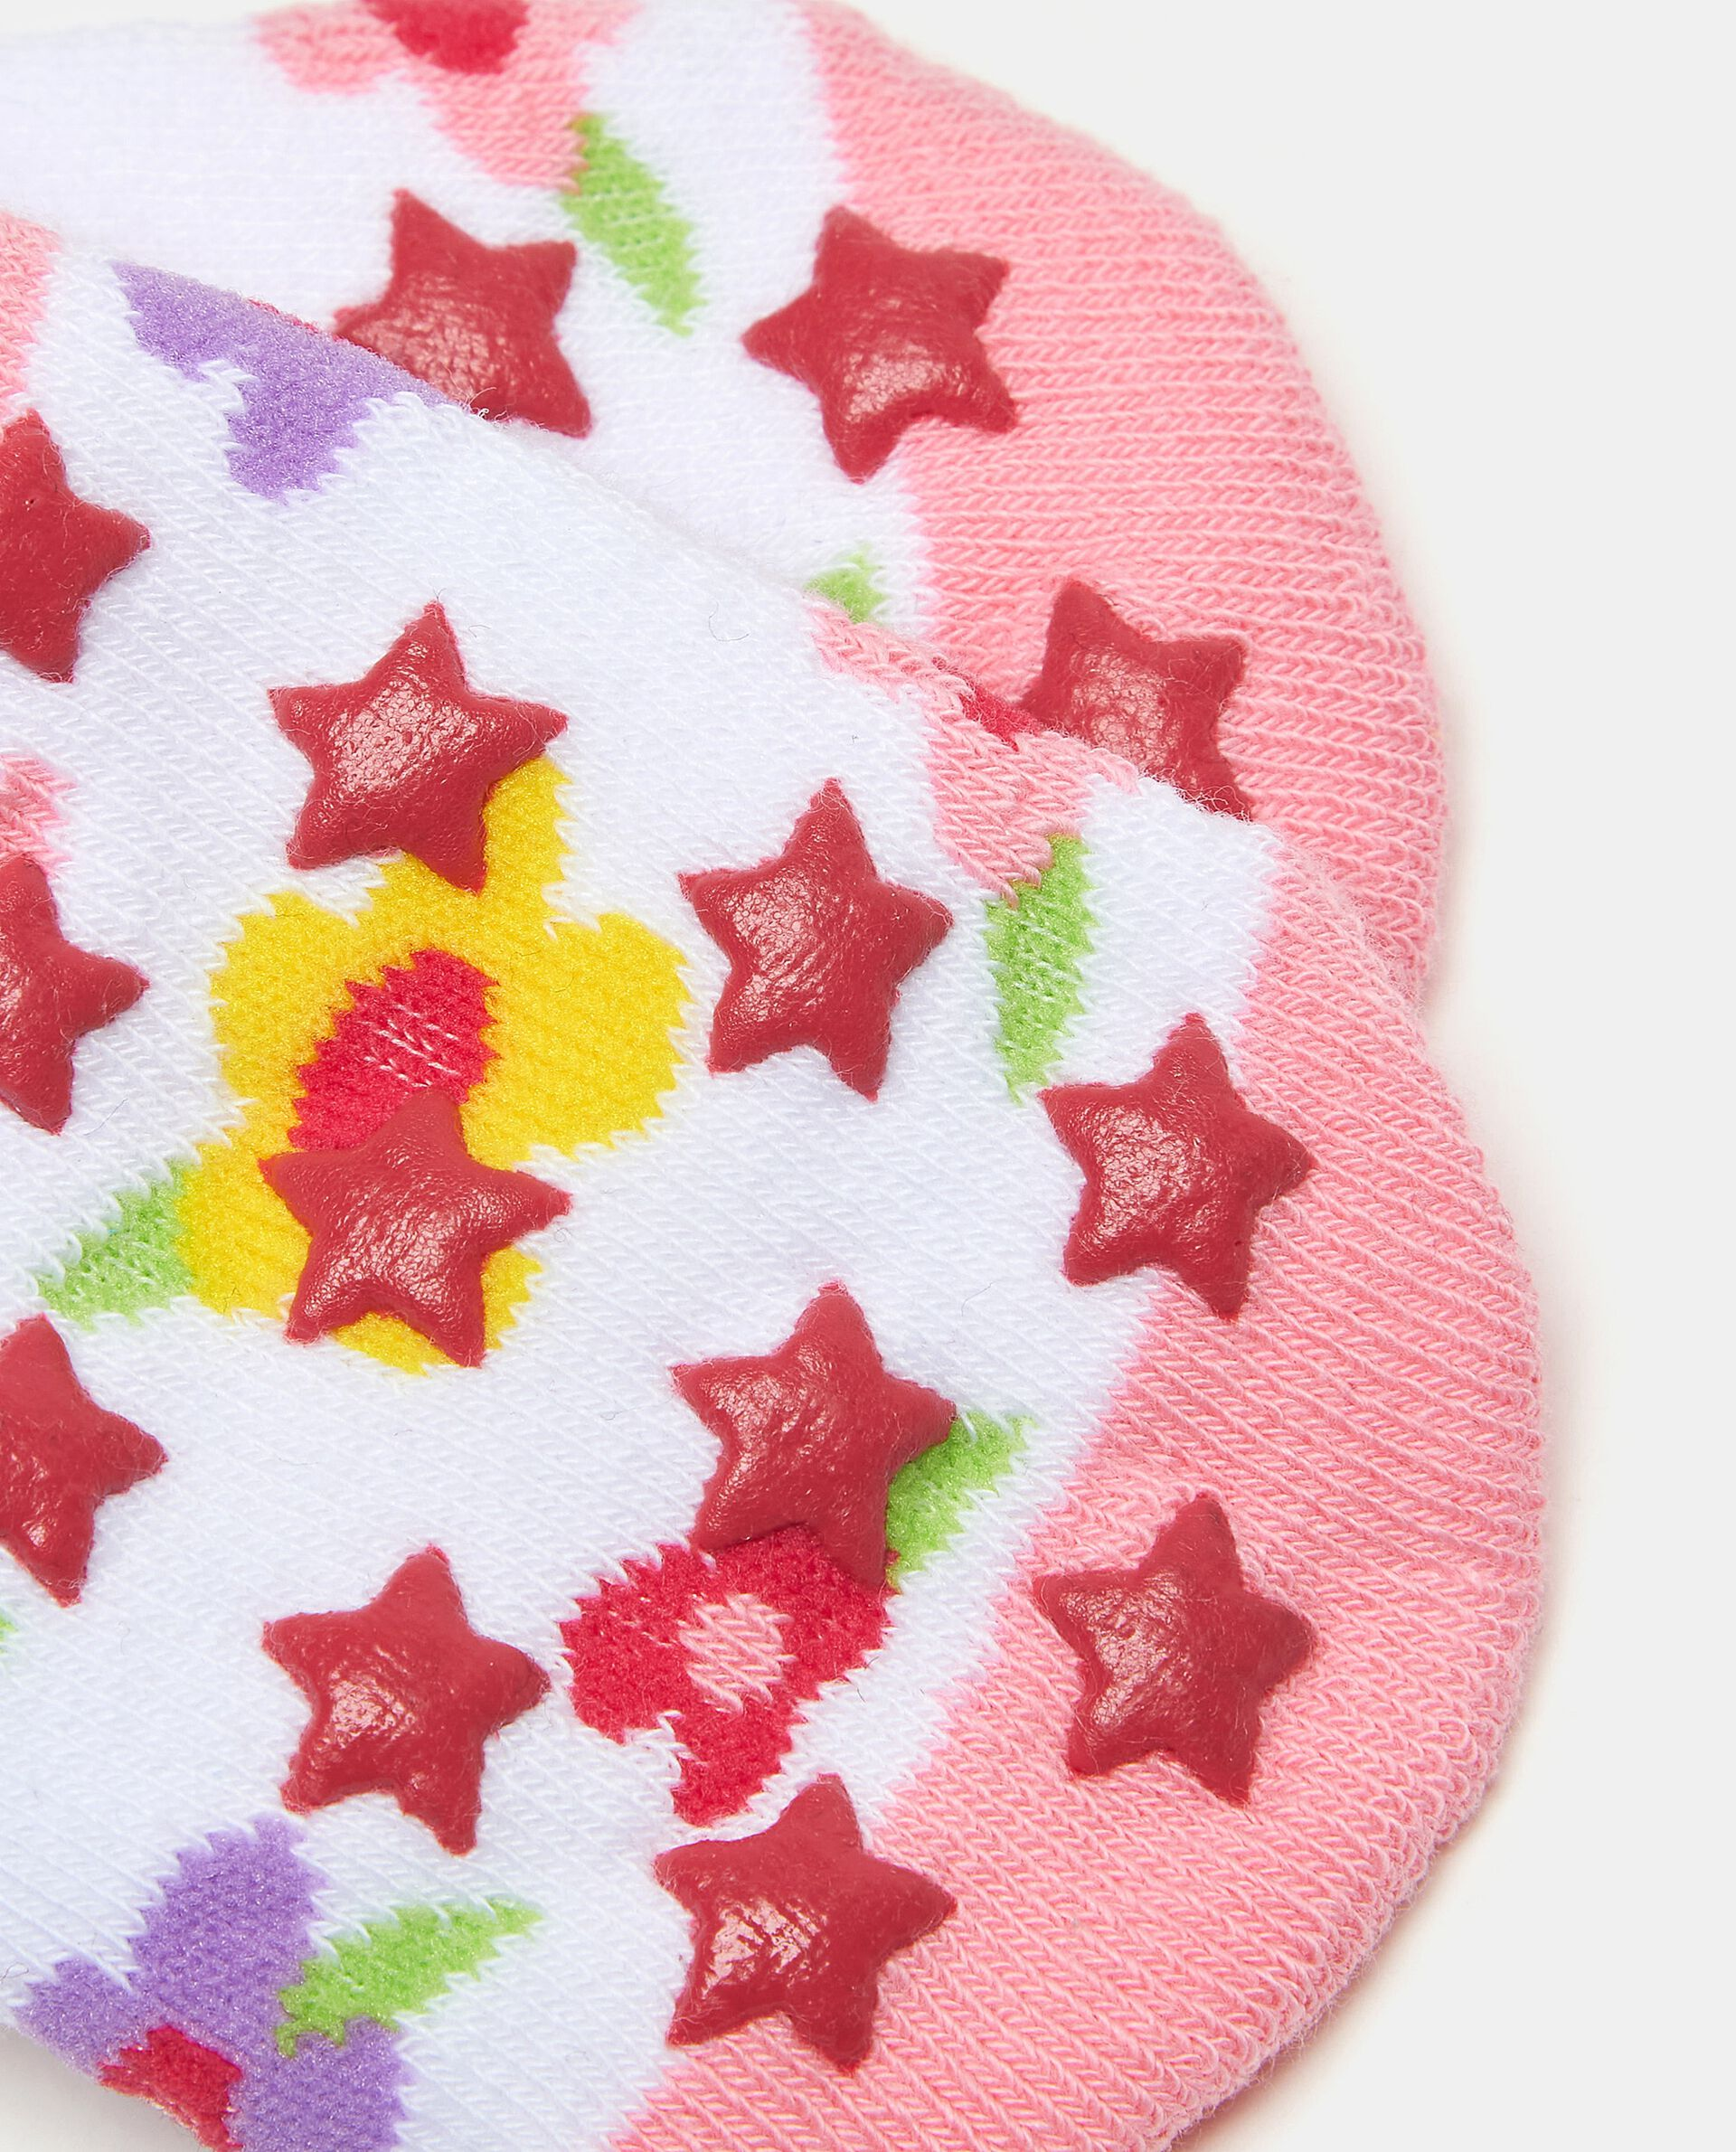 Calzini in fantasia di cotone elasticato neonata